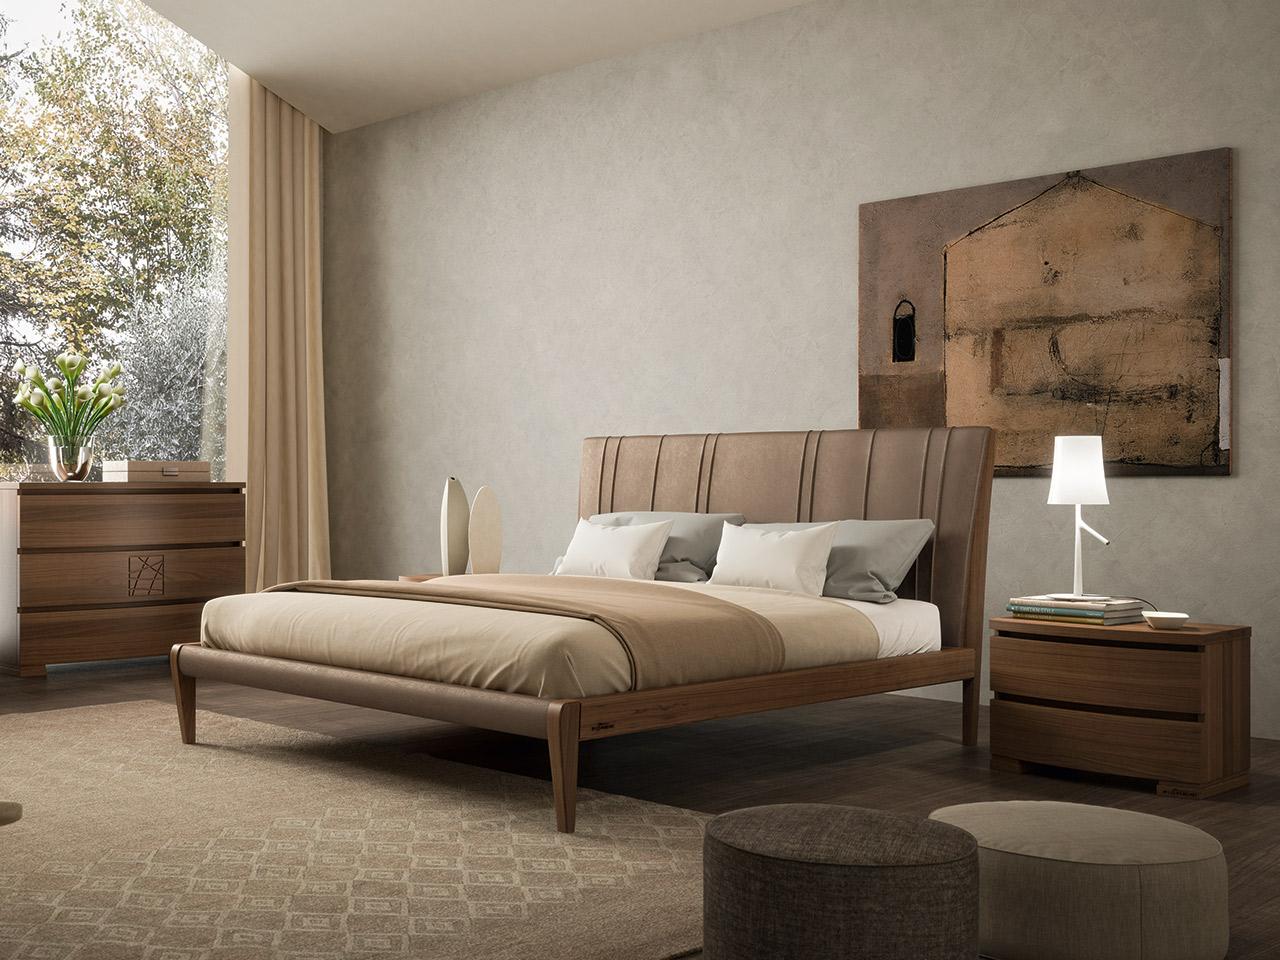 Camere da letto bruno piombini mobili incardone for Marche mobili camere da letto